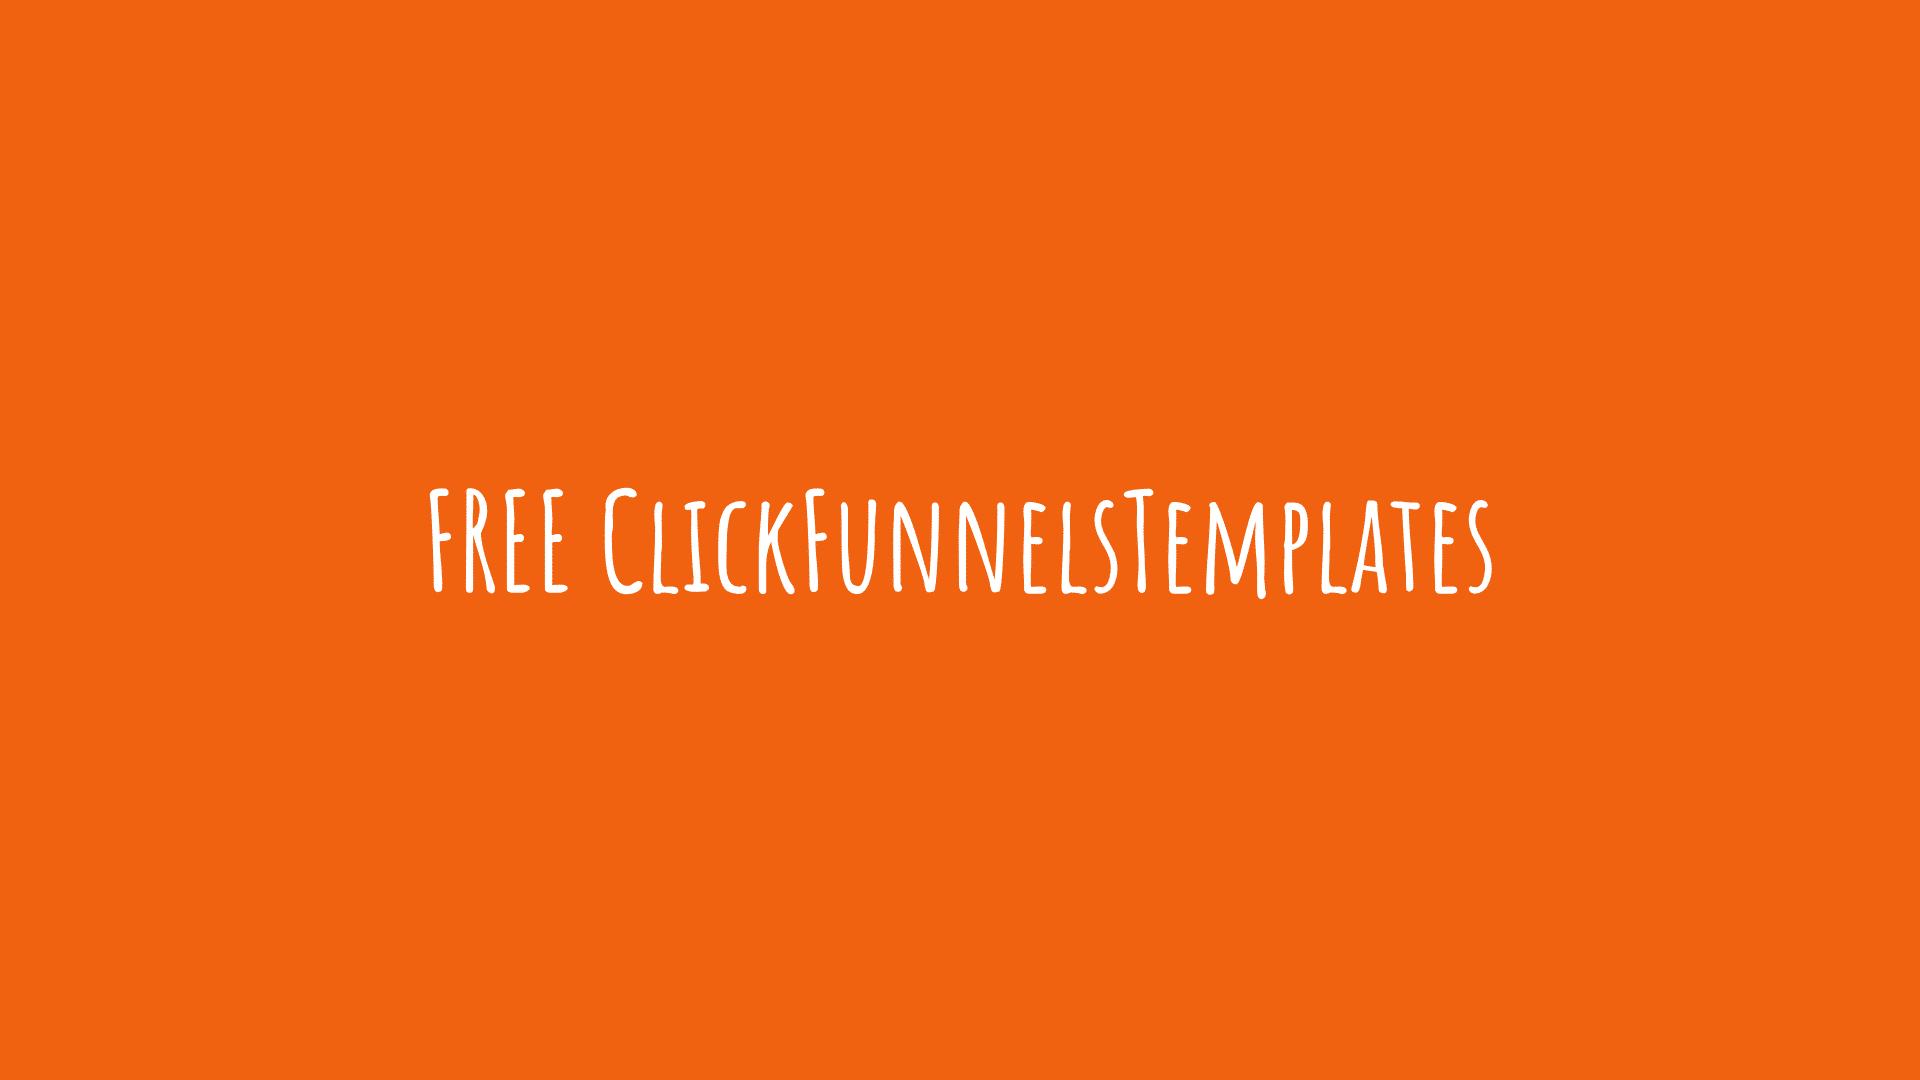 FREE ClickFunnelsTemplates